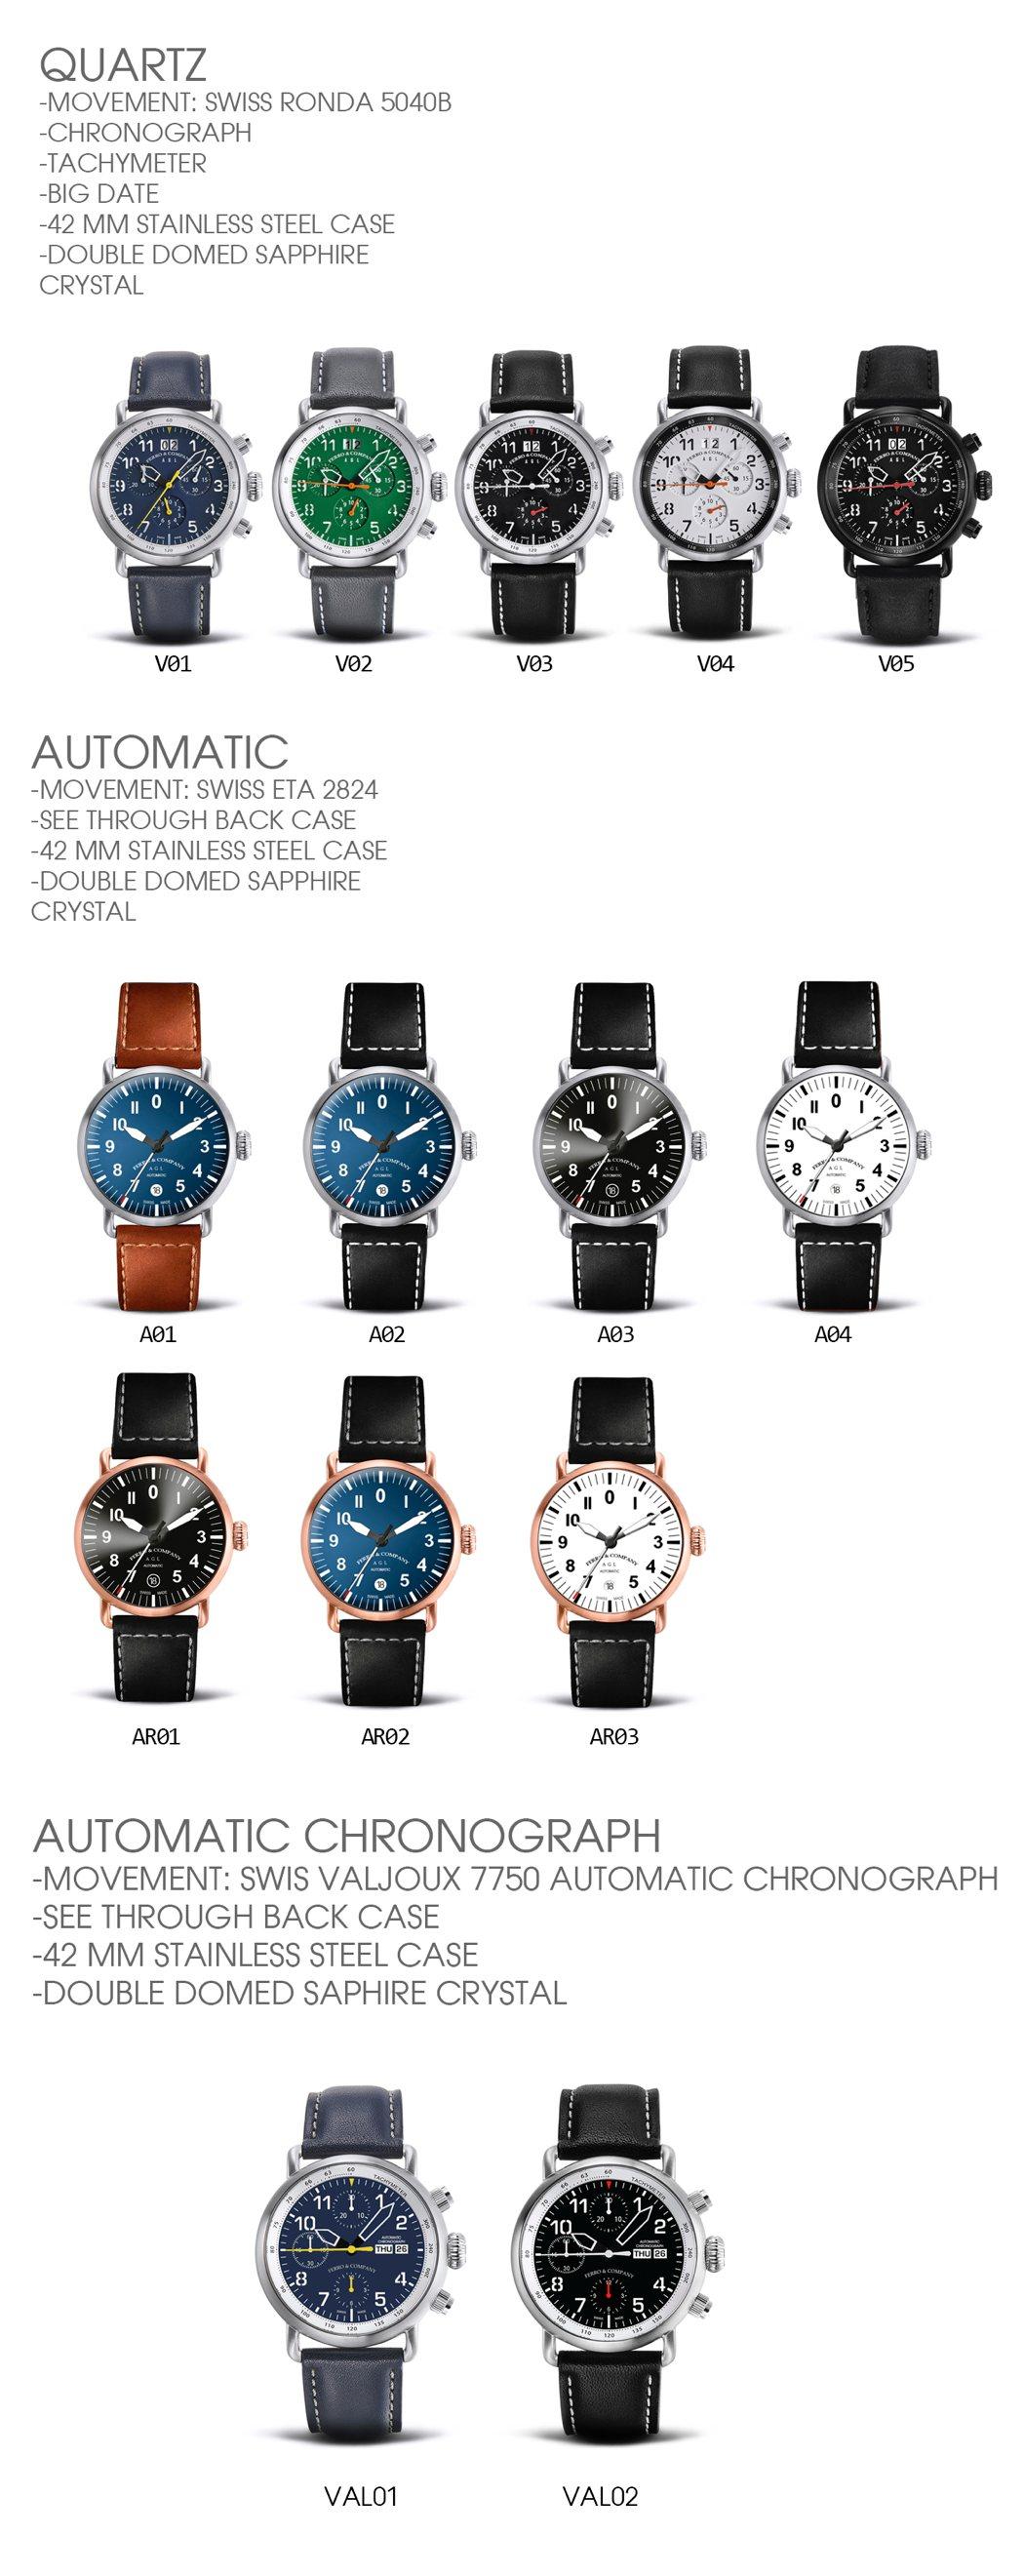 ferro_watch_15